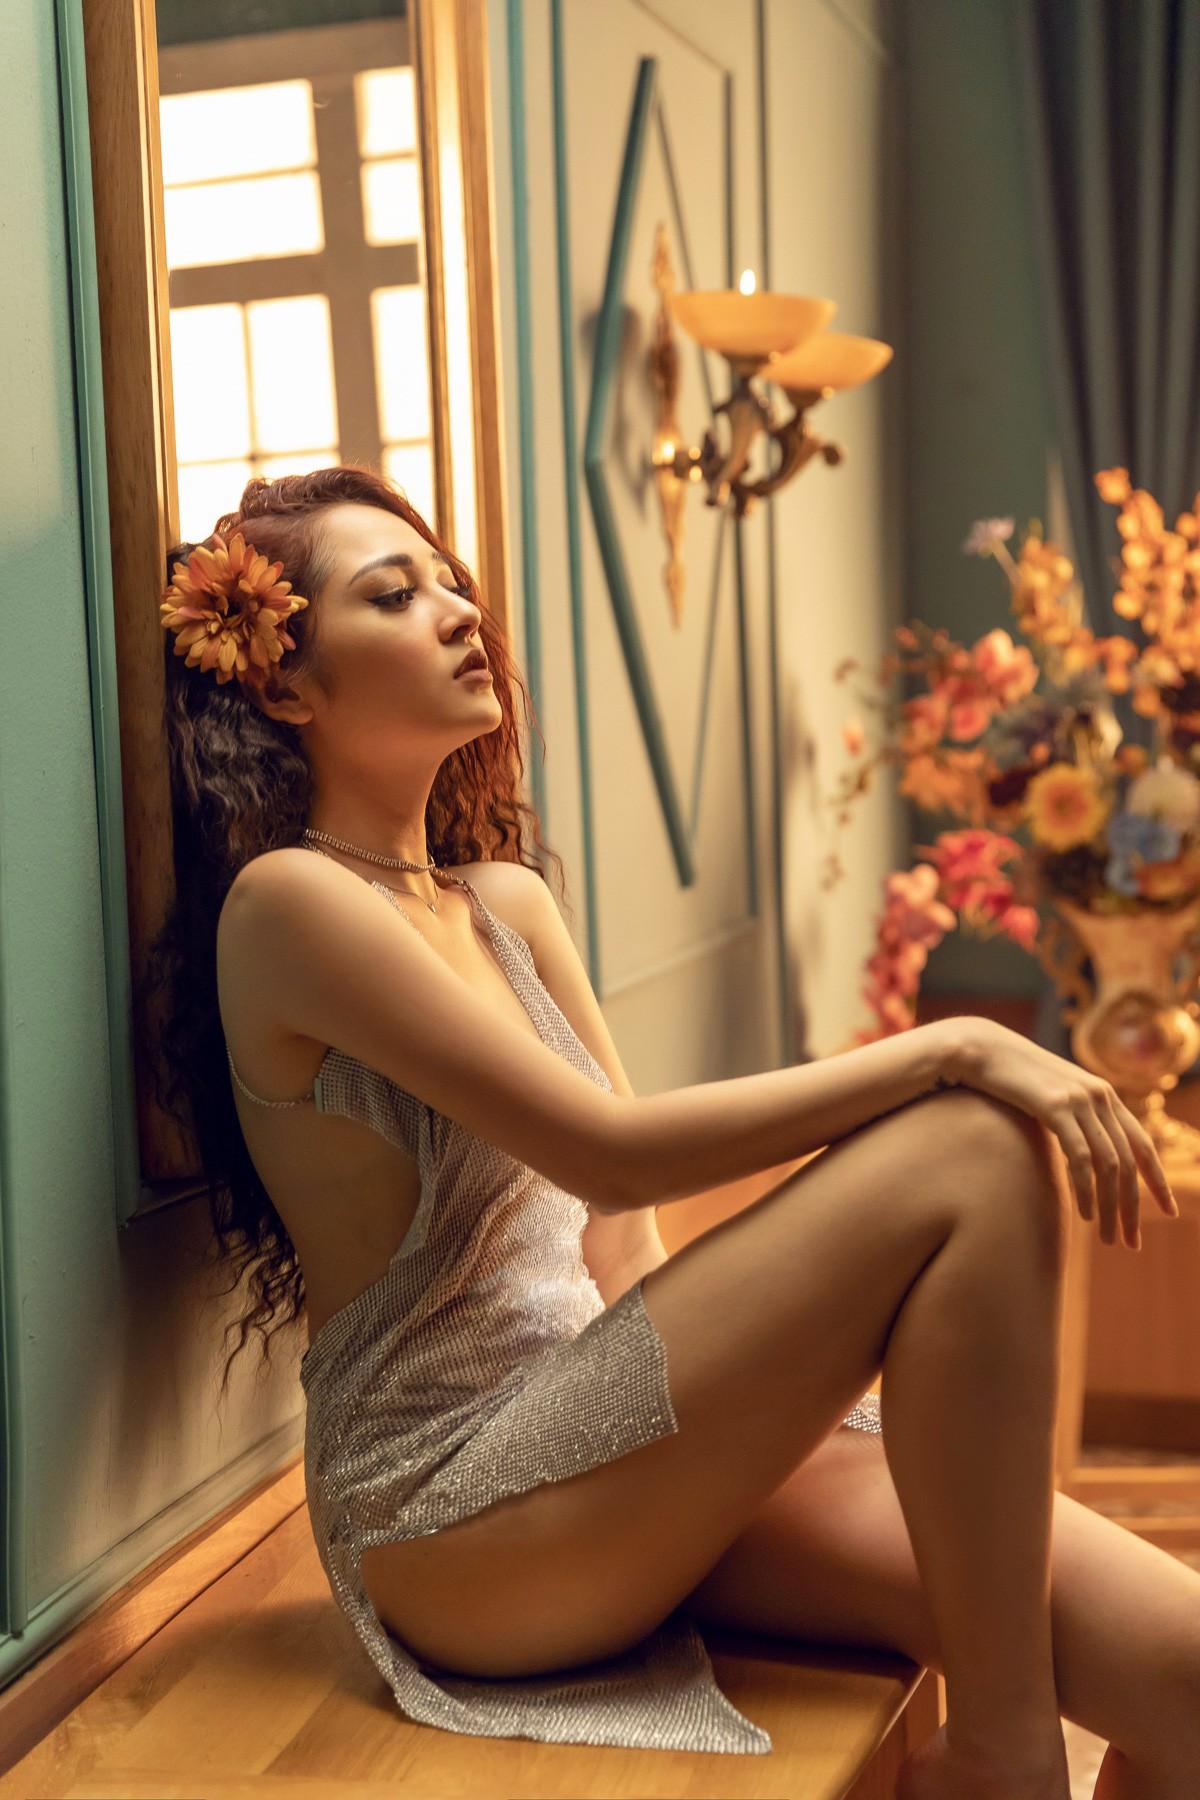 Bảo Anh hoá thân vũ công gợi cảm trong teaser MV, gây bàn tán với ca khúc có cái tên lạ - Ảnh 2.